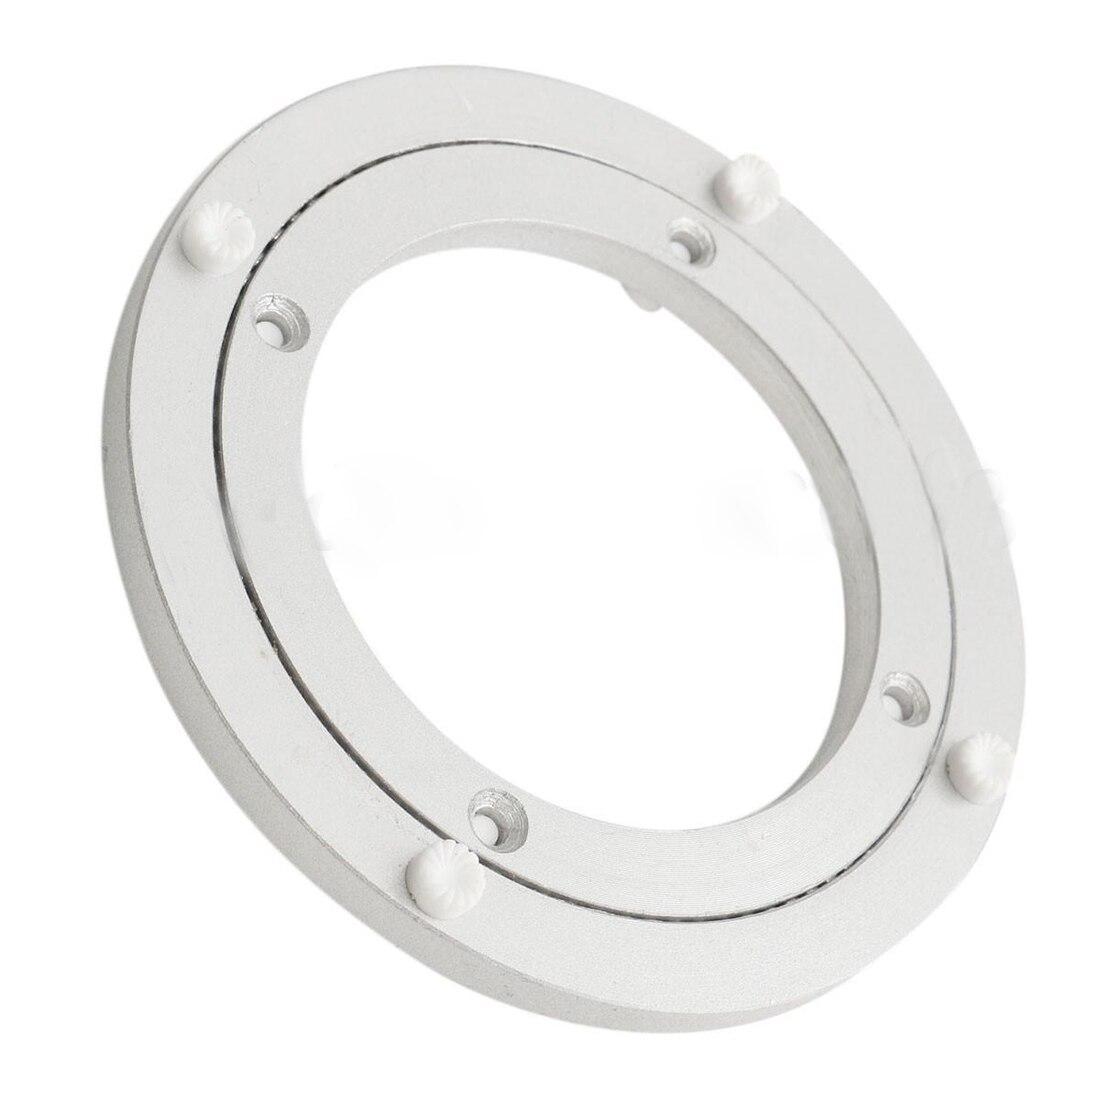 Hardware Aluminium Rotierenden Drehscheibe Lager Schwenk Platte 5 Zoll Silber Freigabepreis